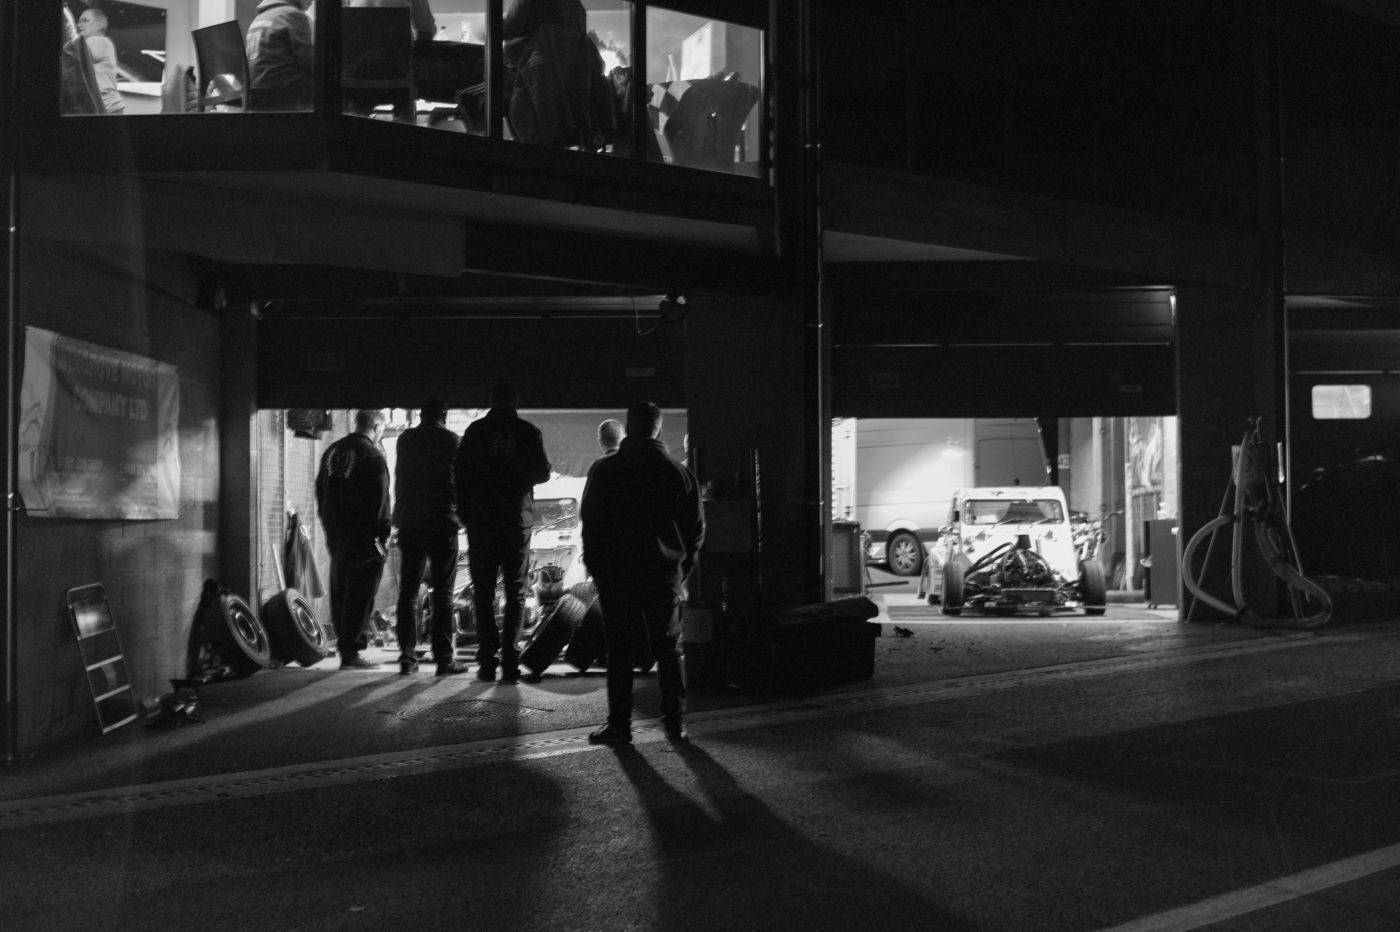 Le Circuit Spa Francorchamps